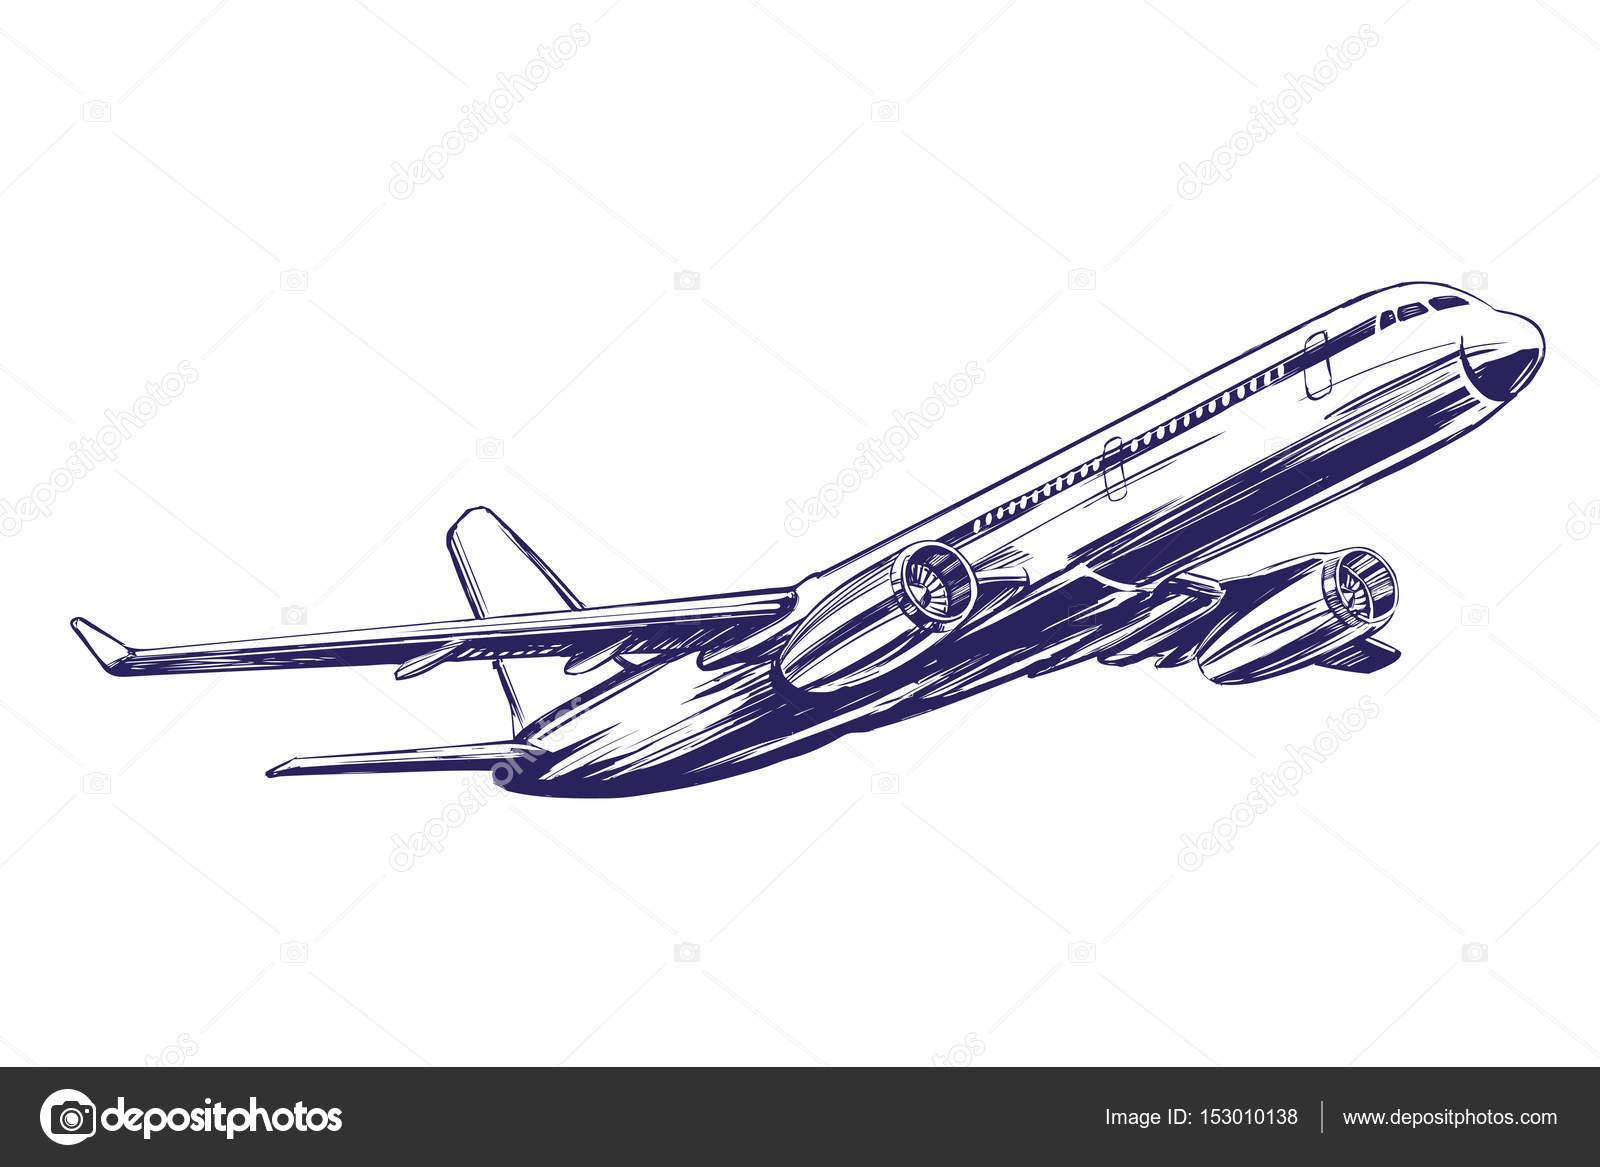 旅客機航空機の手描きの背景イラスト スケッチ ストックベクター